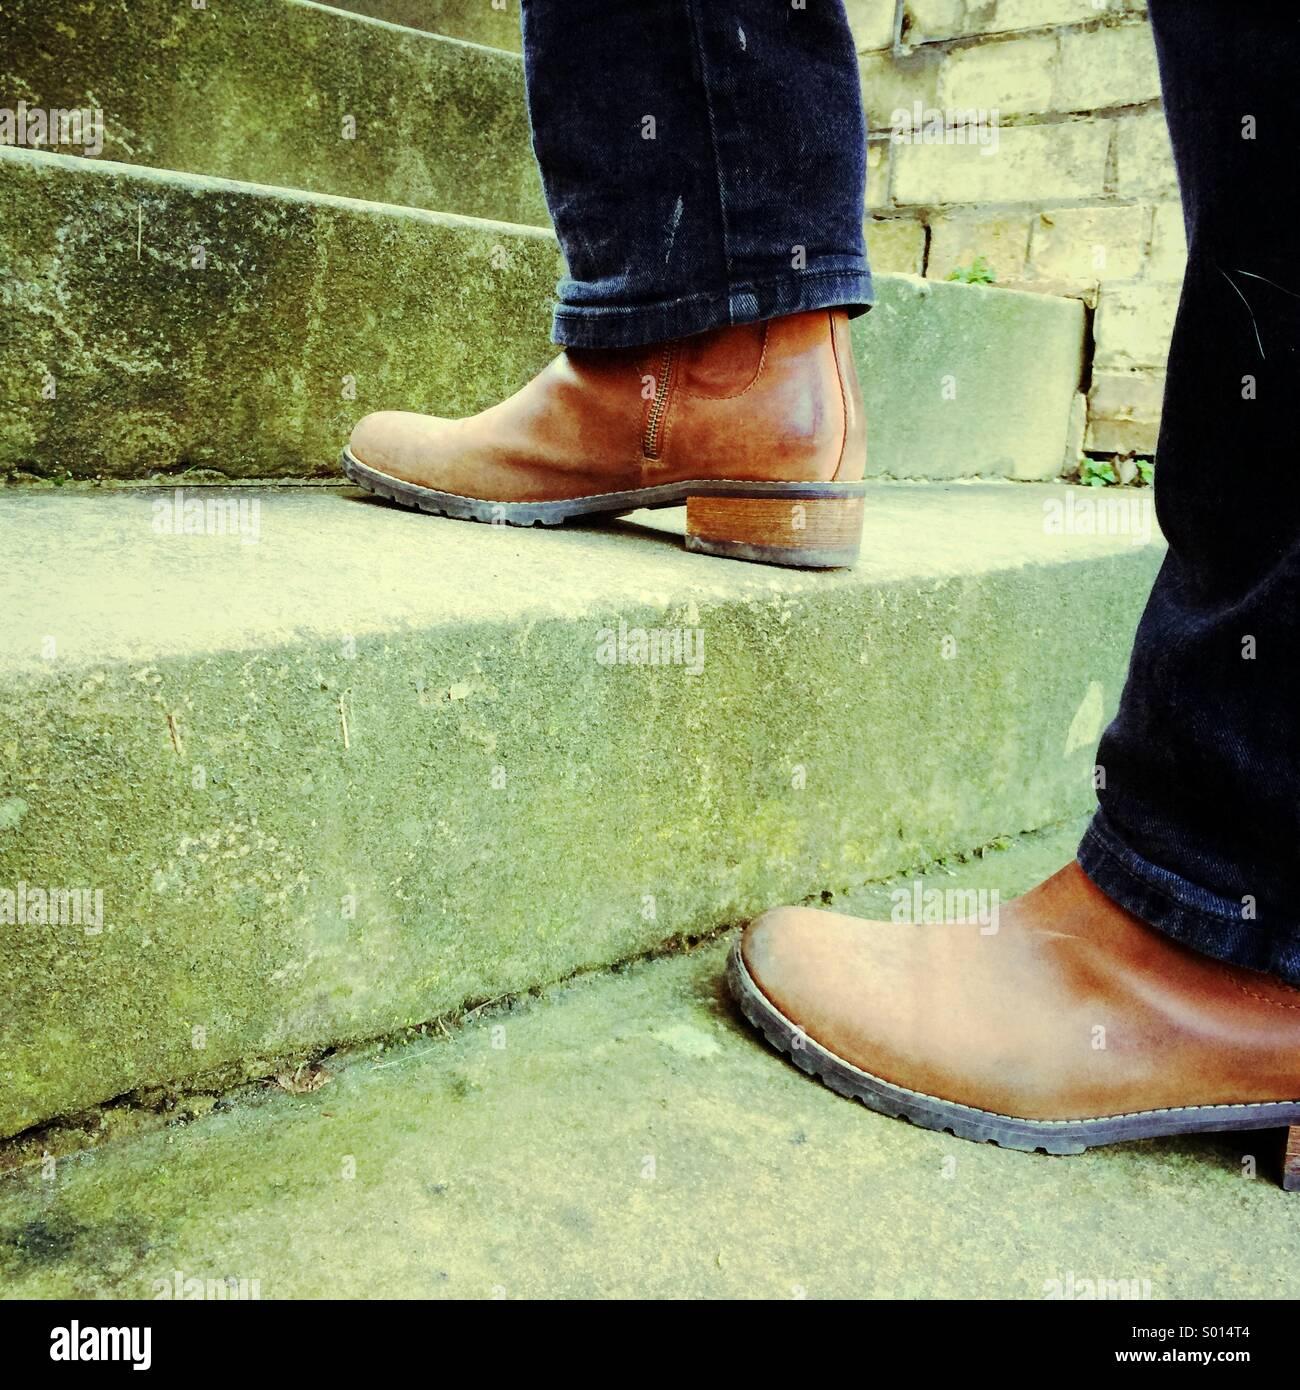 Donna di gambe in jeans nero e marrone e Stivali di arrampicata mostrato di gradini di pietra Immagini Stock